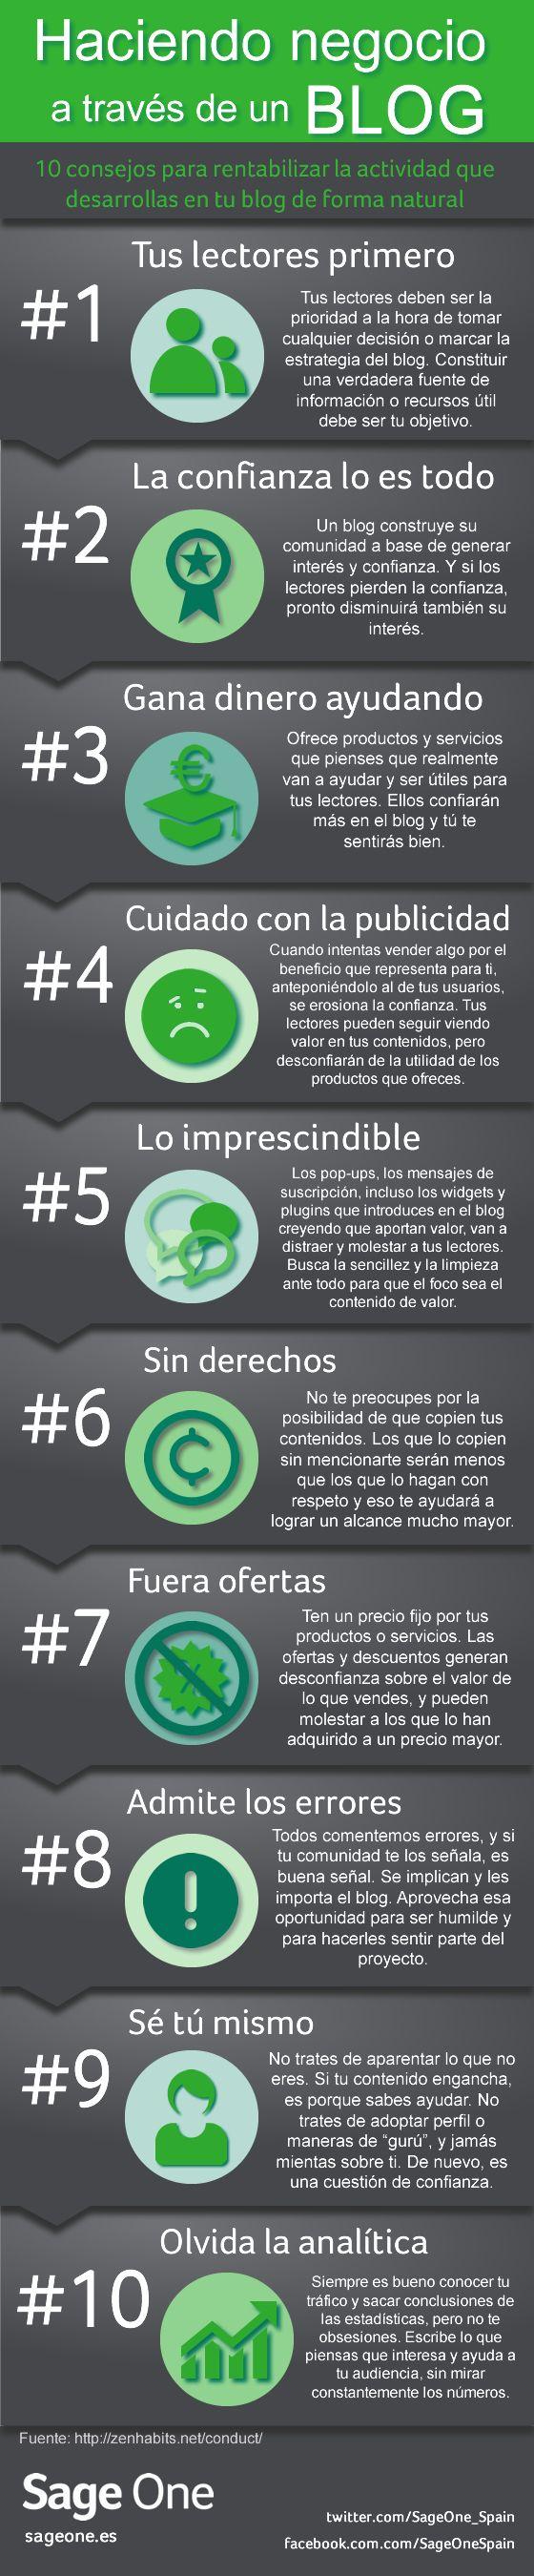 Haciendo negocio a través de un blog. 10 consejos para rentabilizar tu blog de forma natural. Infografia en español. #CommunityManager